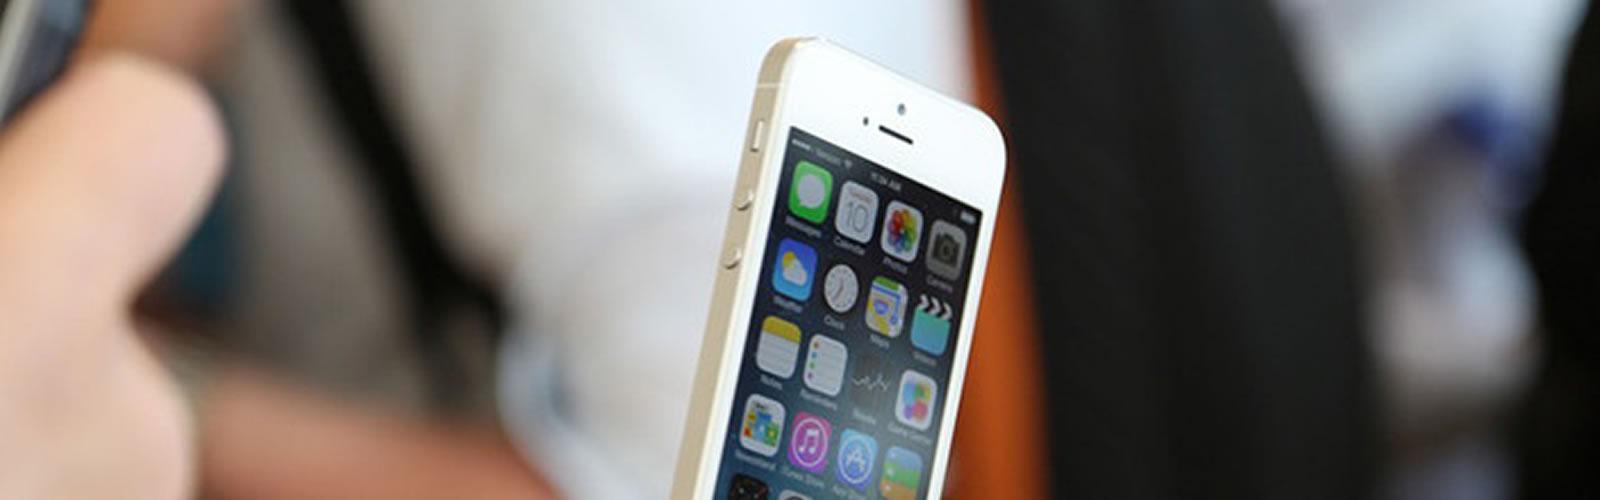 In partenza i corsi della IQUII Academy dedicati allo sviluppo di applicazioni iOS